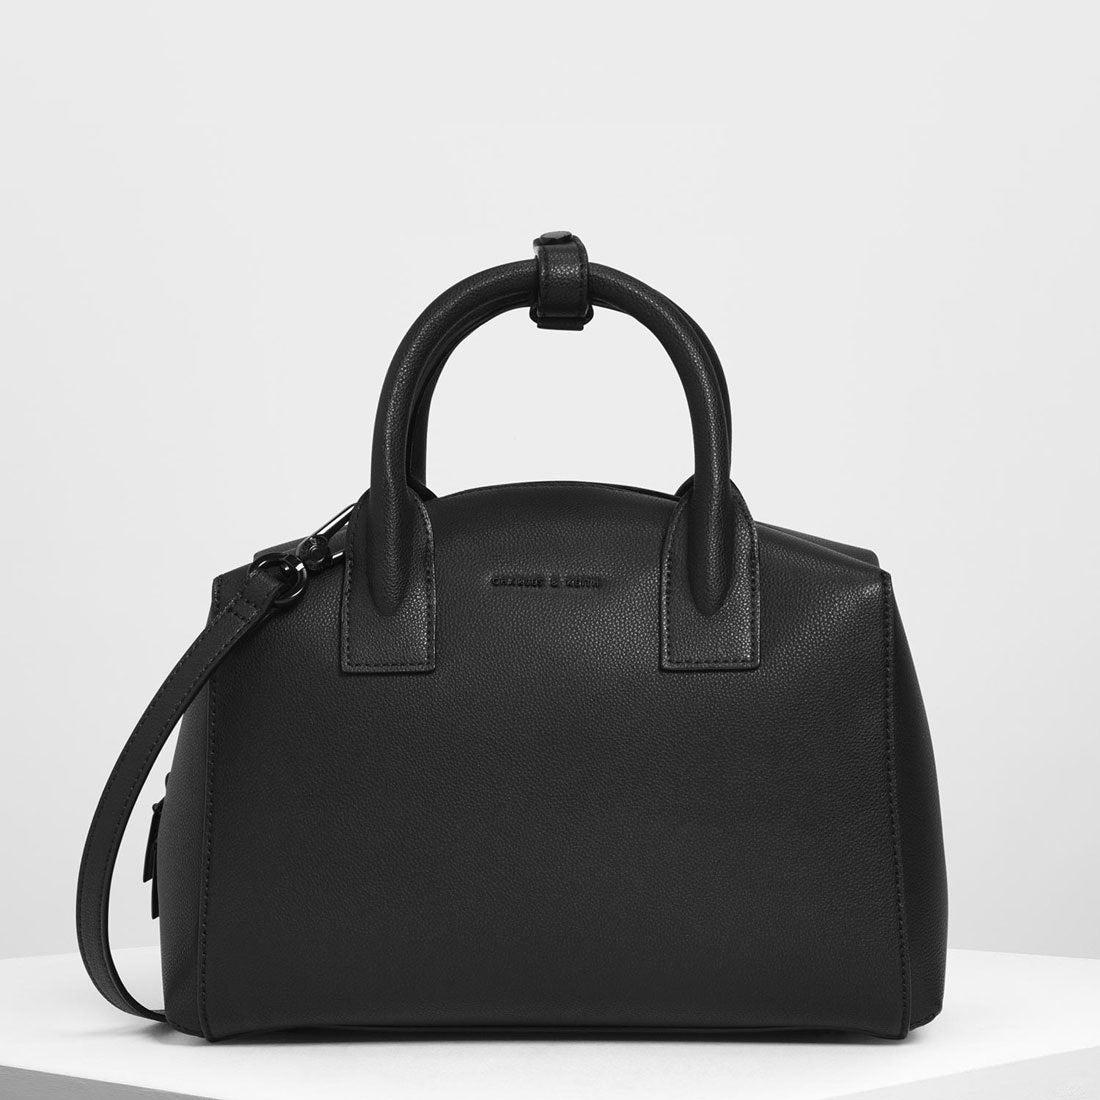 ff7d629b6e18 CHARLES & KEITH クラシックストラクチャード トップハンドルバッグ / Classic Structured Top Handle Bag  (Black) -靴&ファッション通販 ロコンド〜自宅で試着、 ...